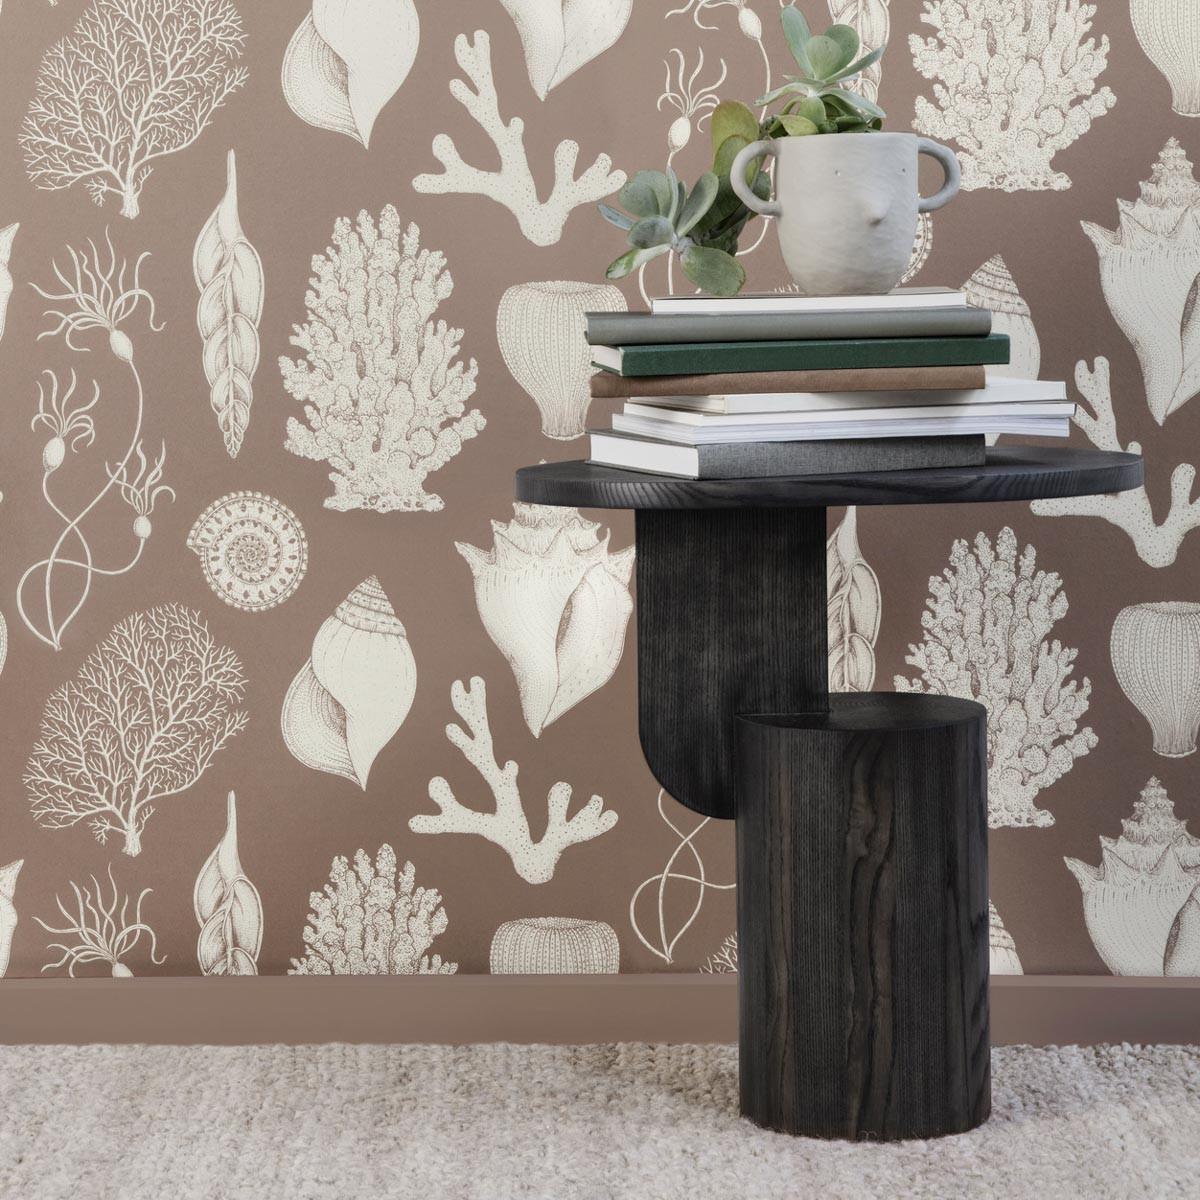 Ferm Living Katie Scott Wallpaper - Shells